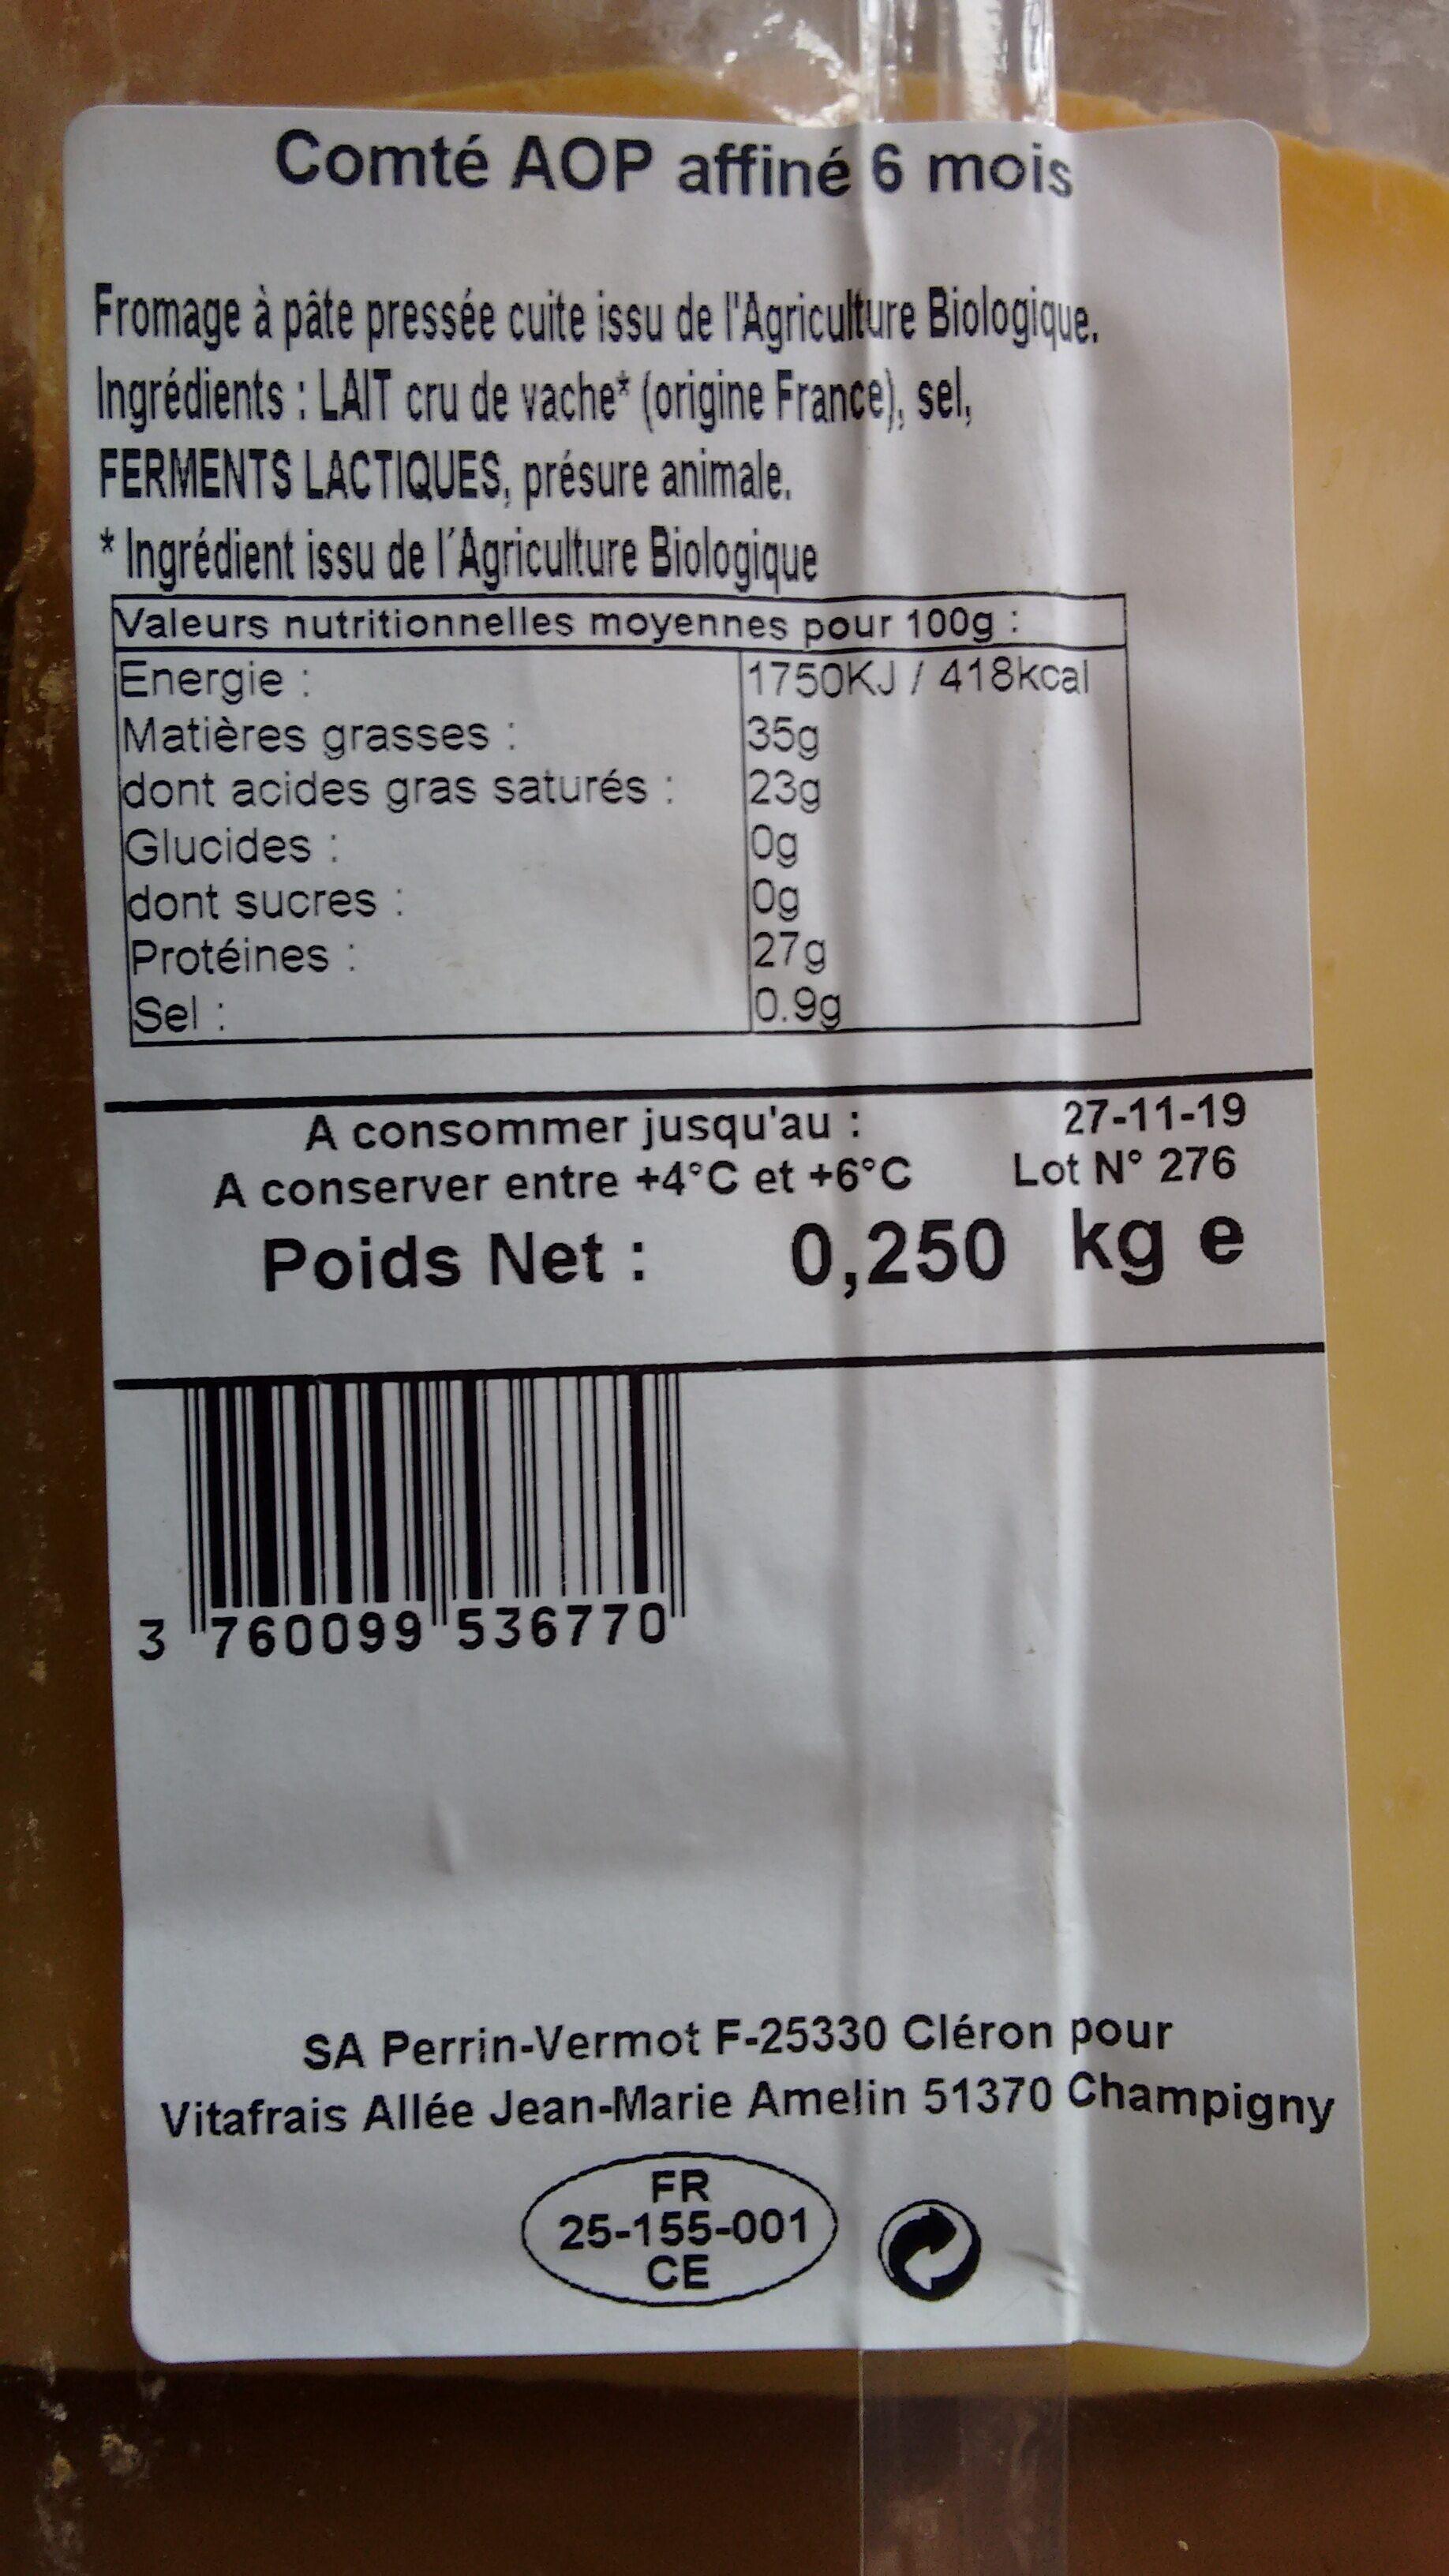 Comté AOP affiné 6 mois - Ingrédients - fr